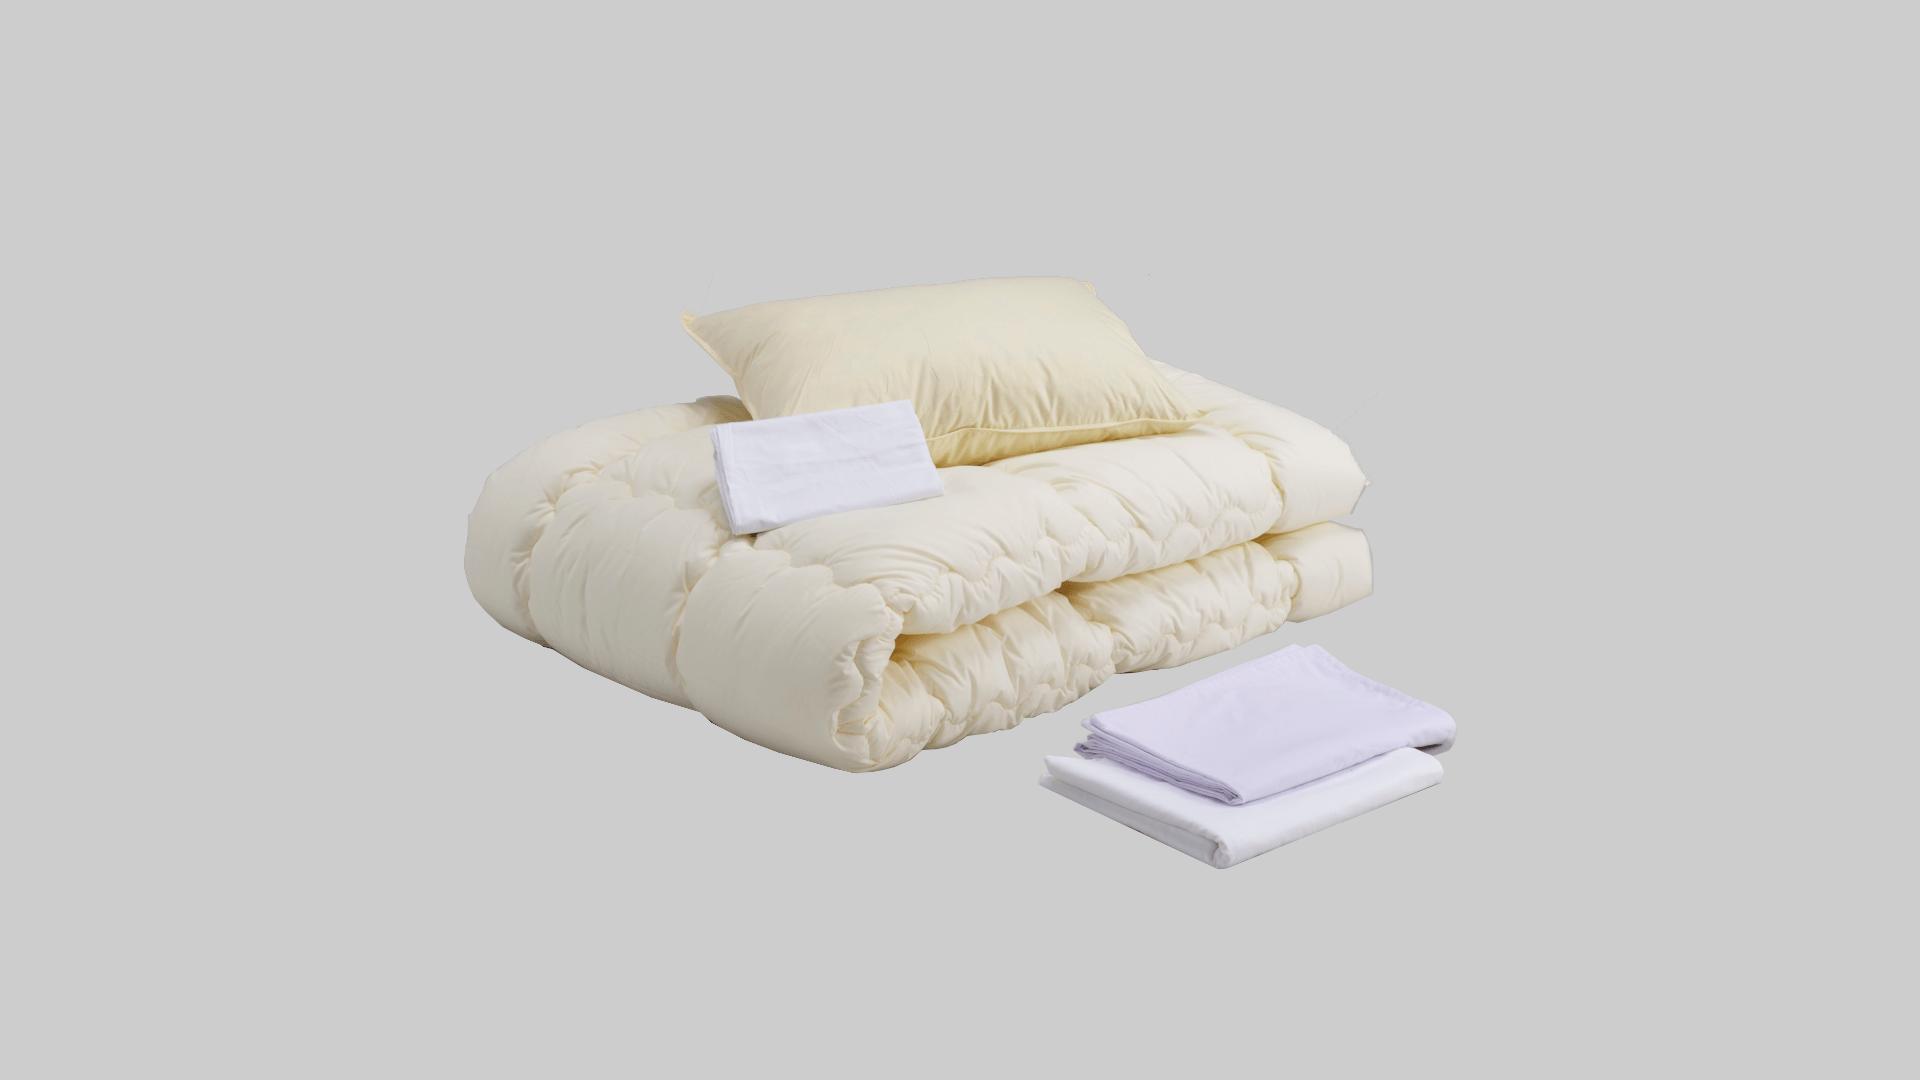 寝具コーディネートセット イメージ